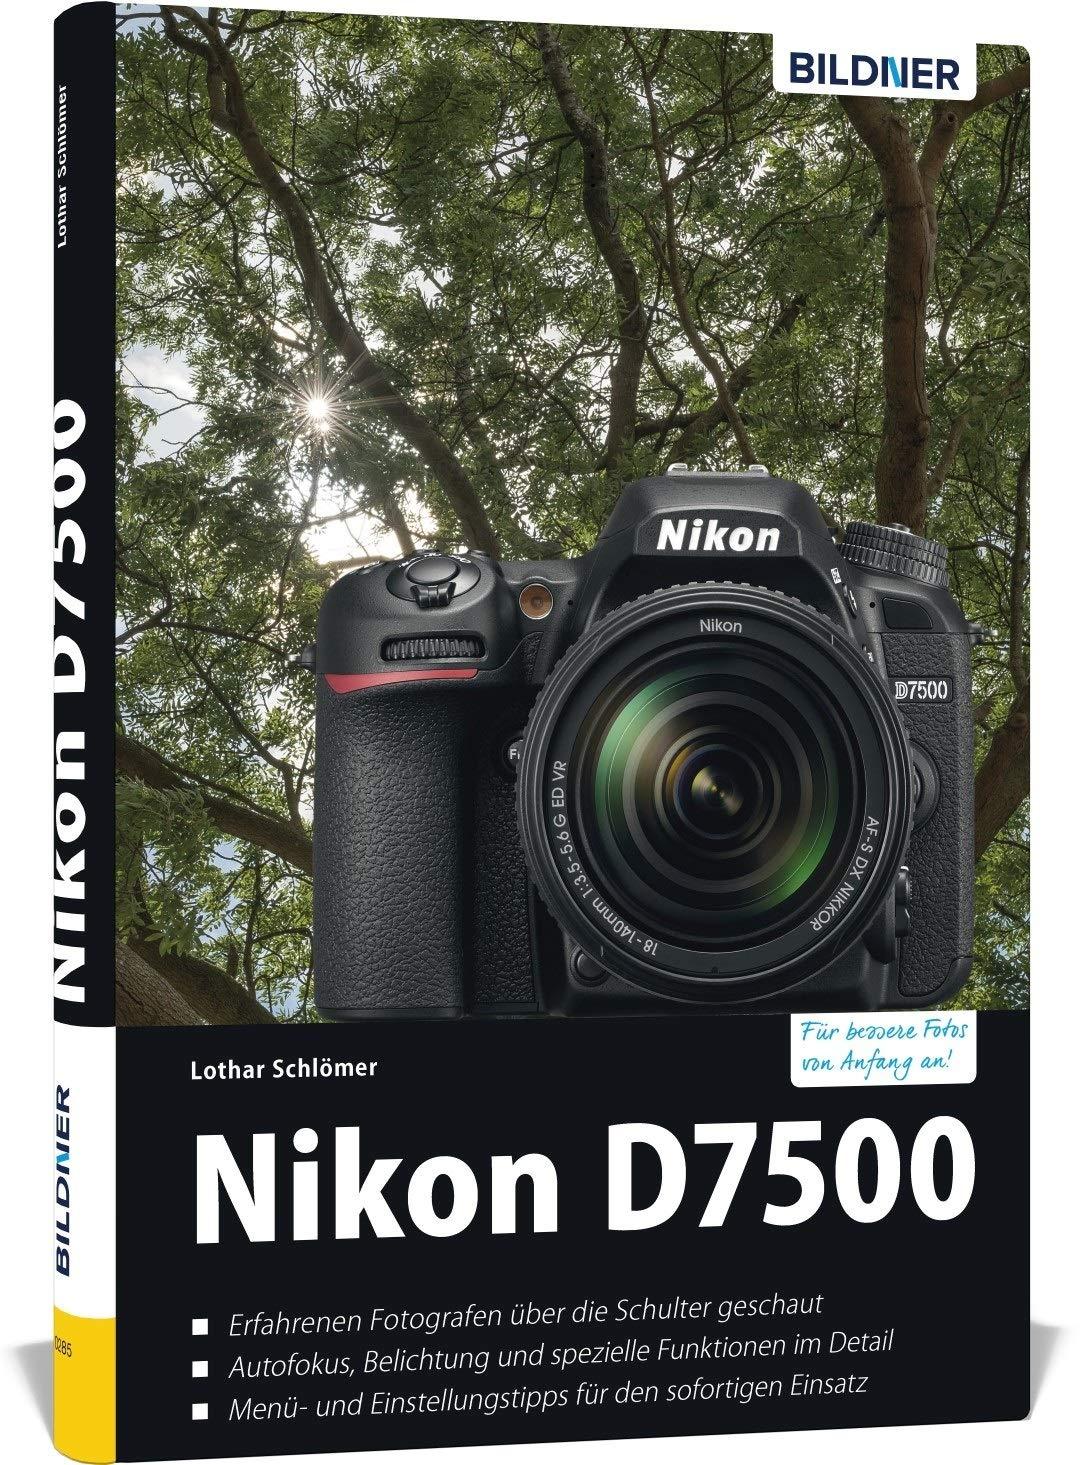 Nikon D7500 - Für bessere Fotos von Anfang an: Das umfangreiche Praxisbuch